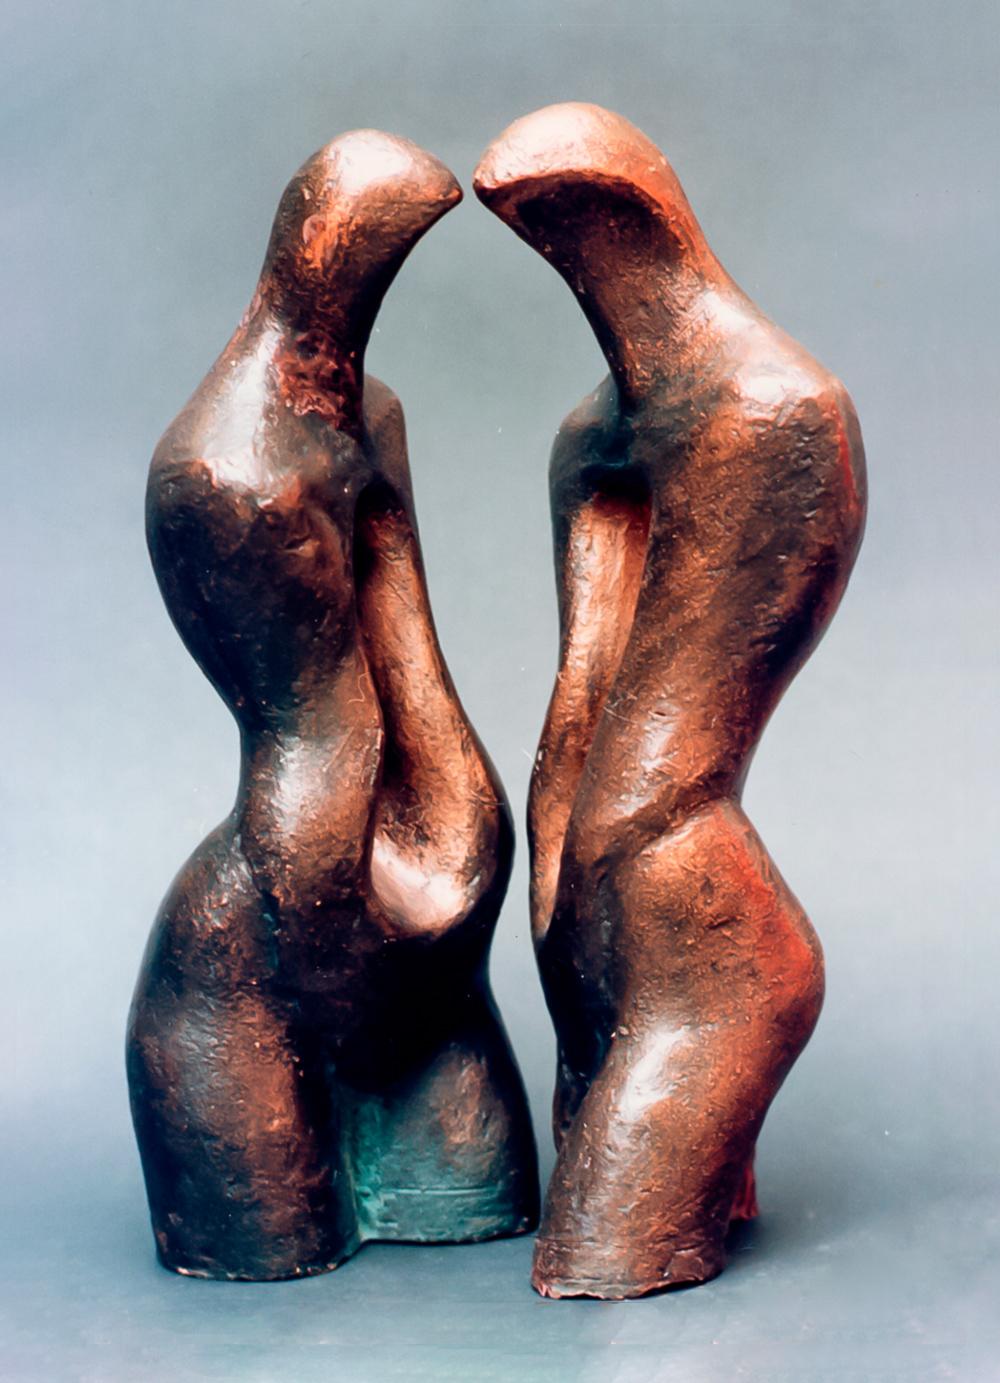 Escultura-El-abrazo-2-A-Figurativo-Abstracto-RD.Escultor